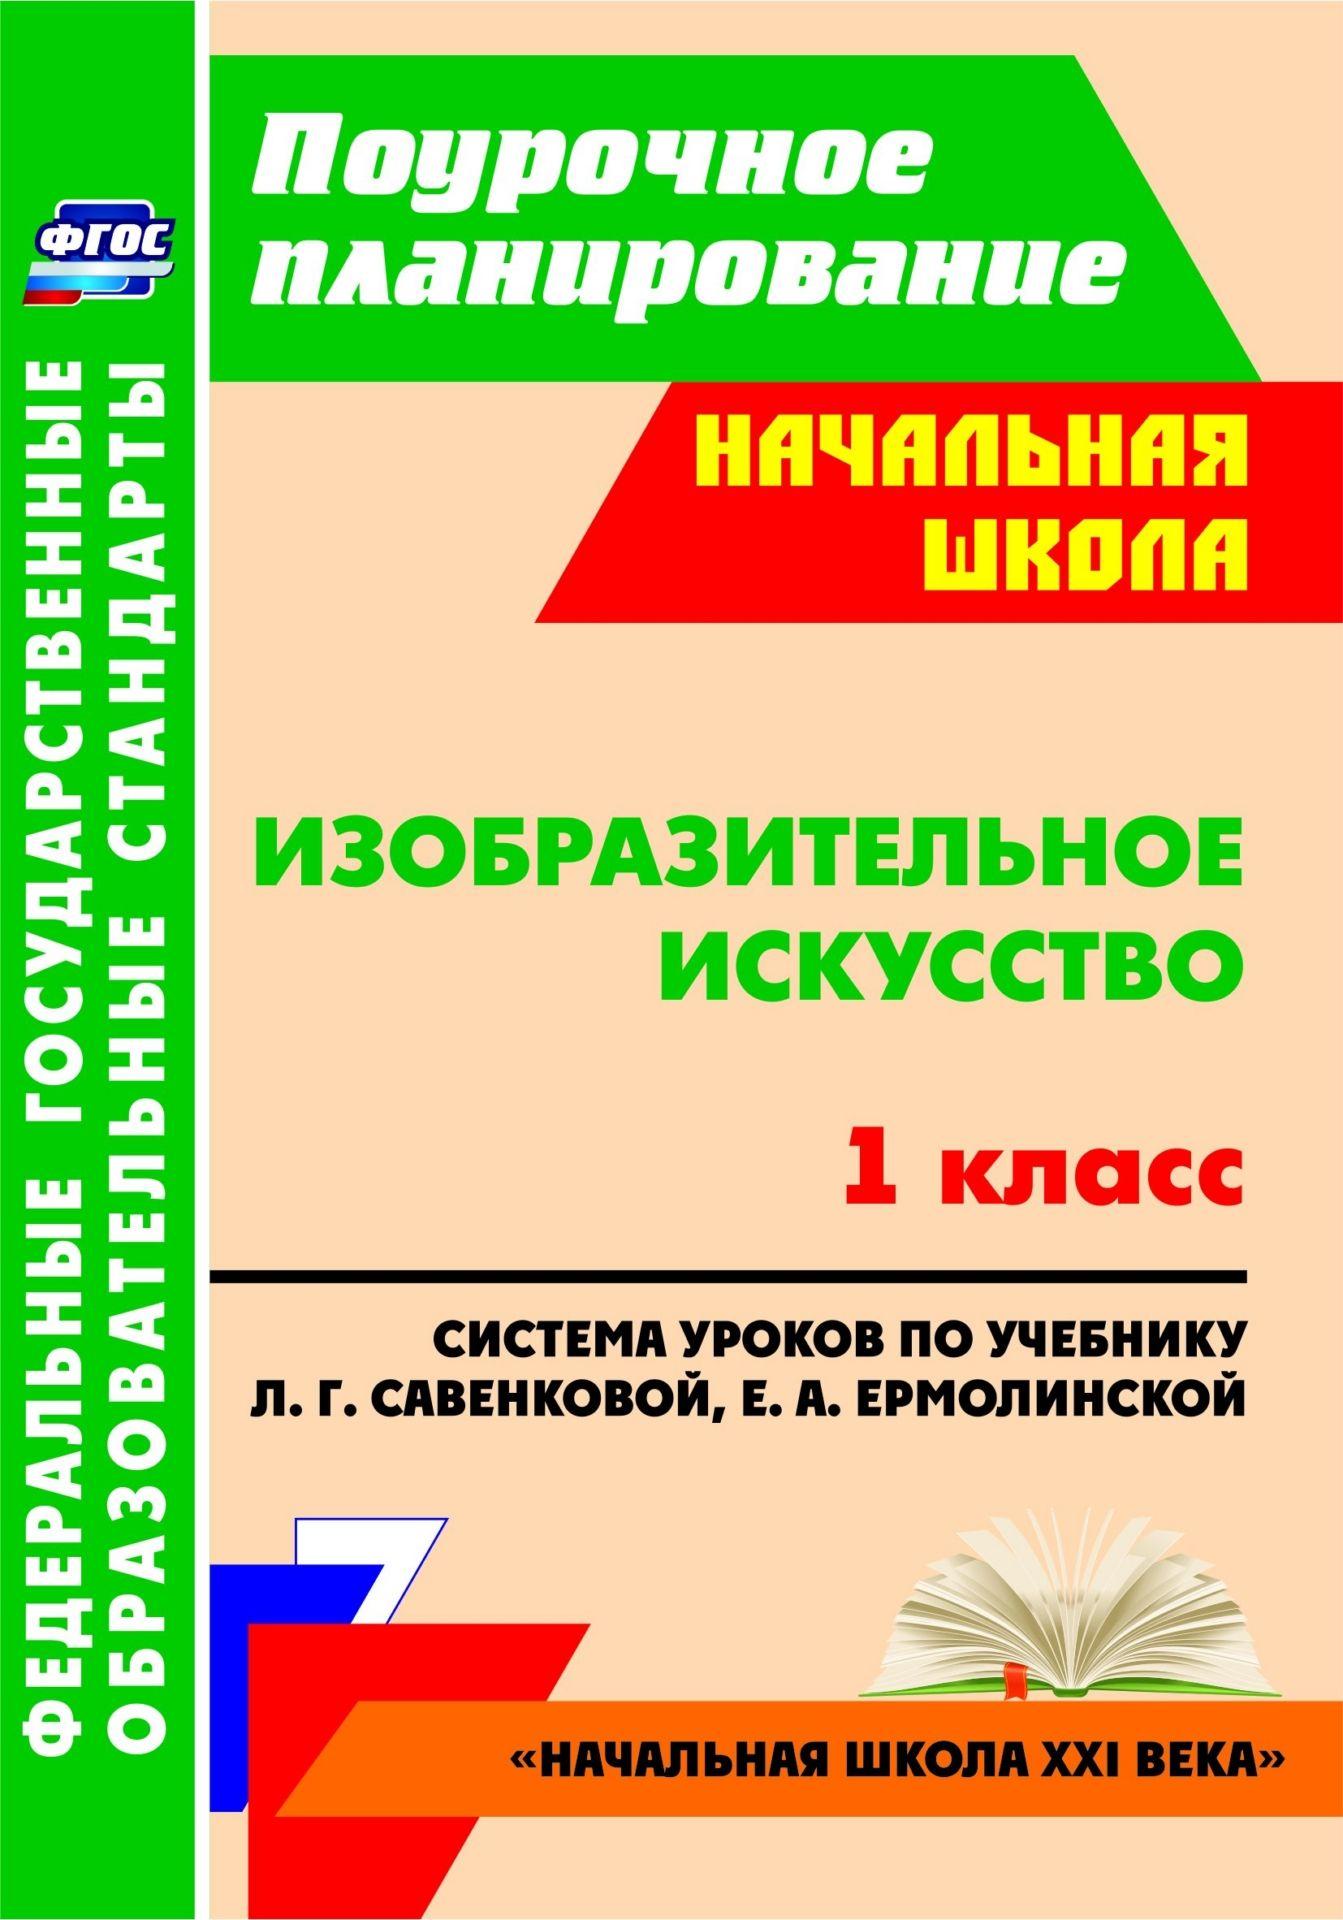 Изобразительное искусство. 1 класс: система уроков по учебнику Л. Г. Савенковой, Е. А. Ермолинской